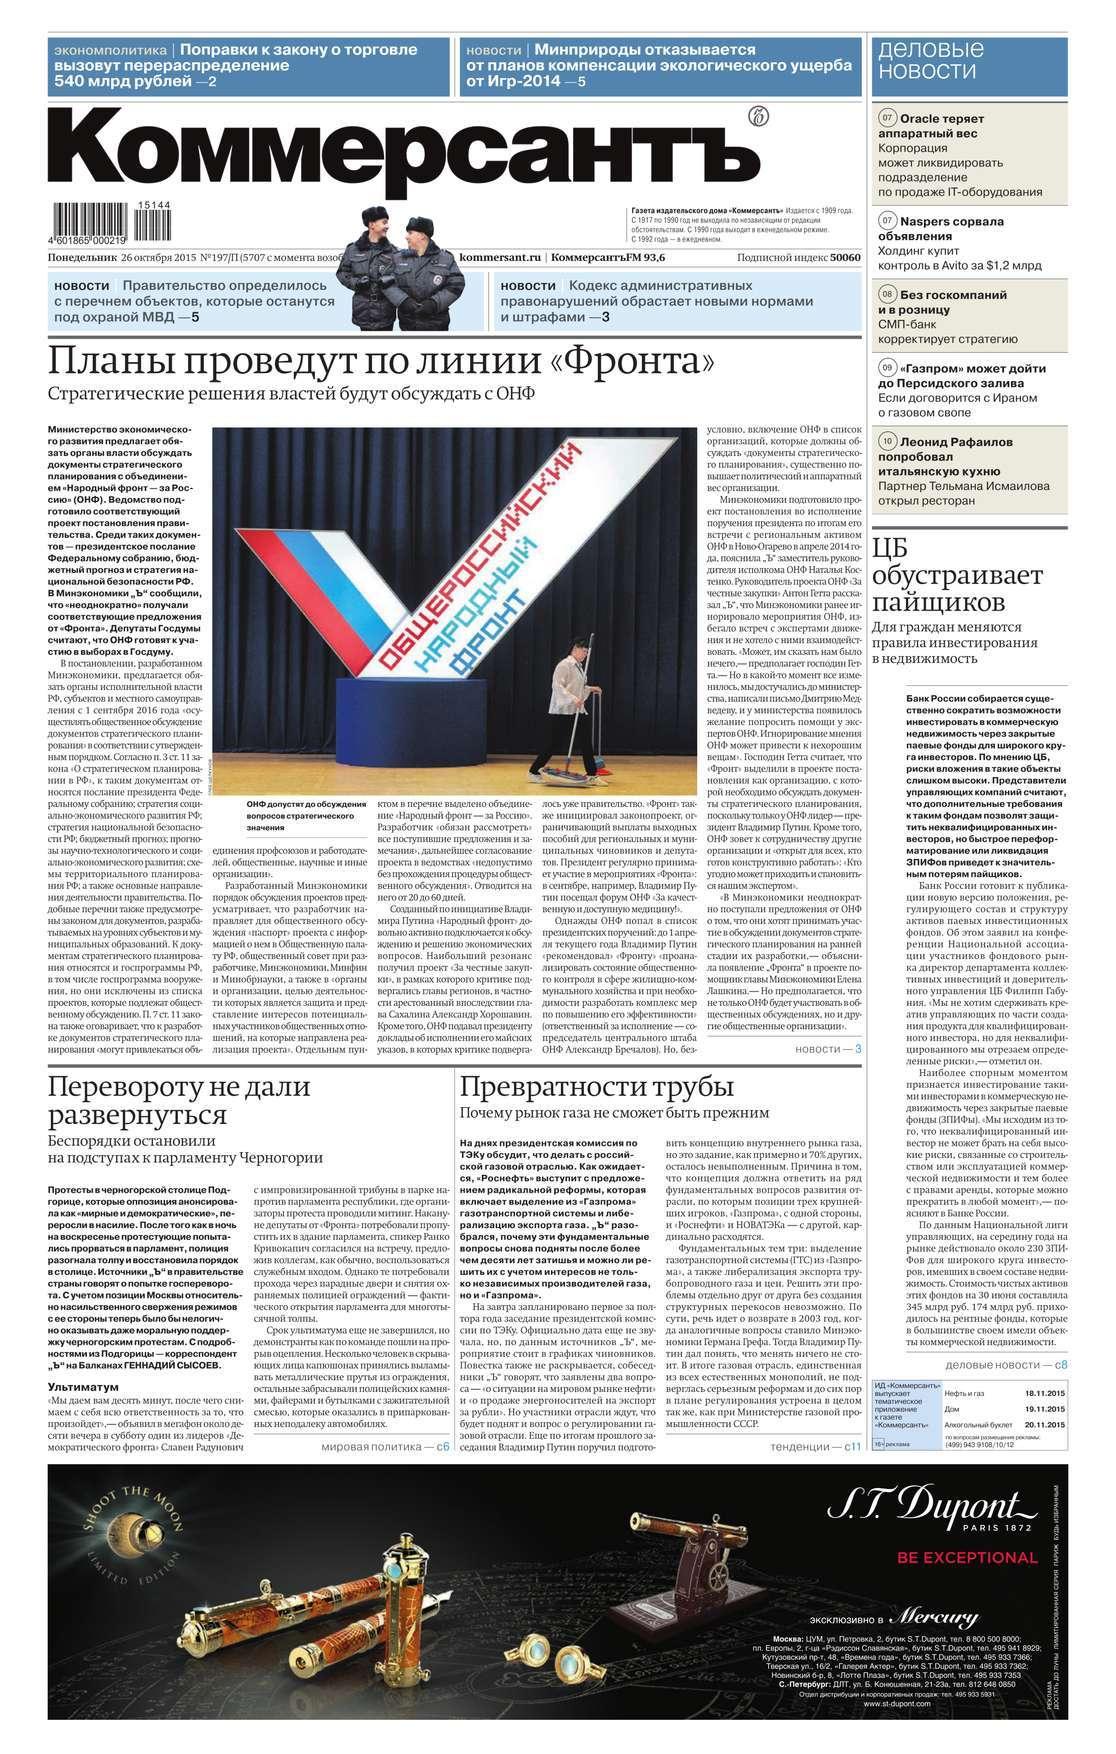 Редакция газеты КоммерсантЪ КоммерсантЪ 197п-2015 купить автошину к 197 в смоленске